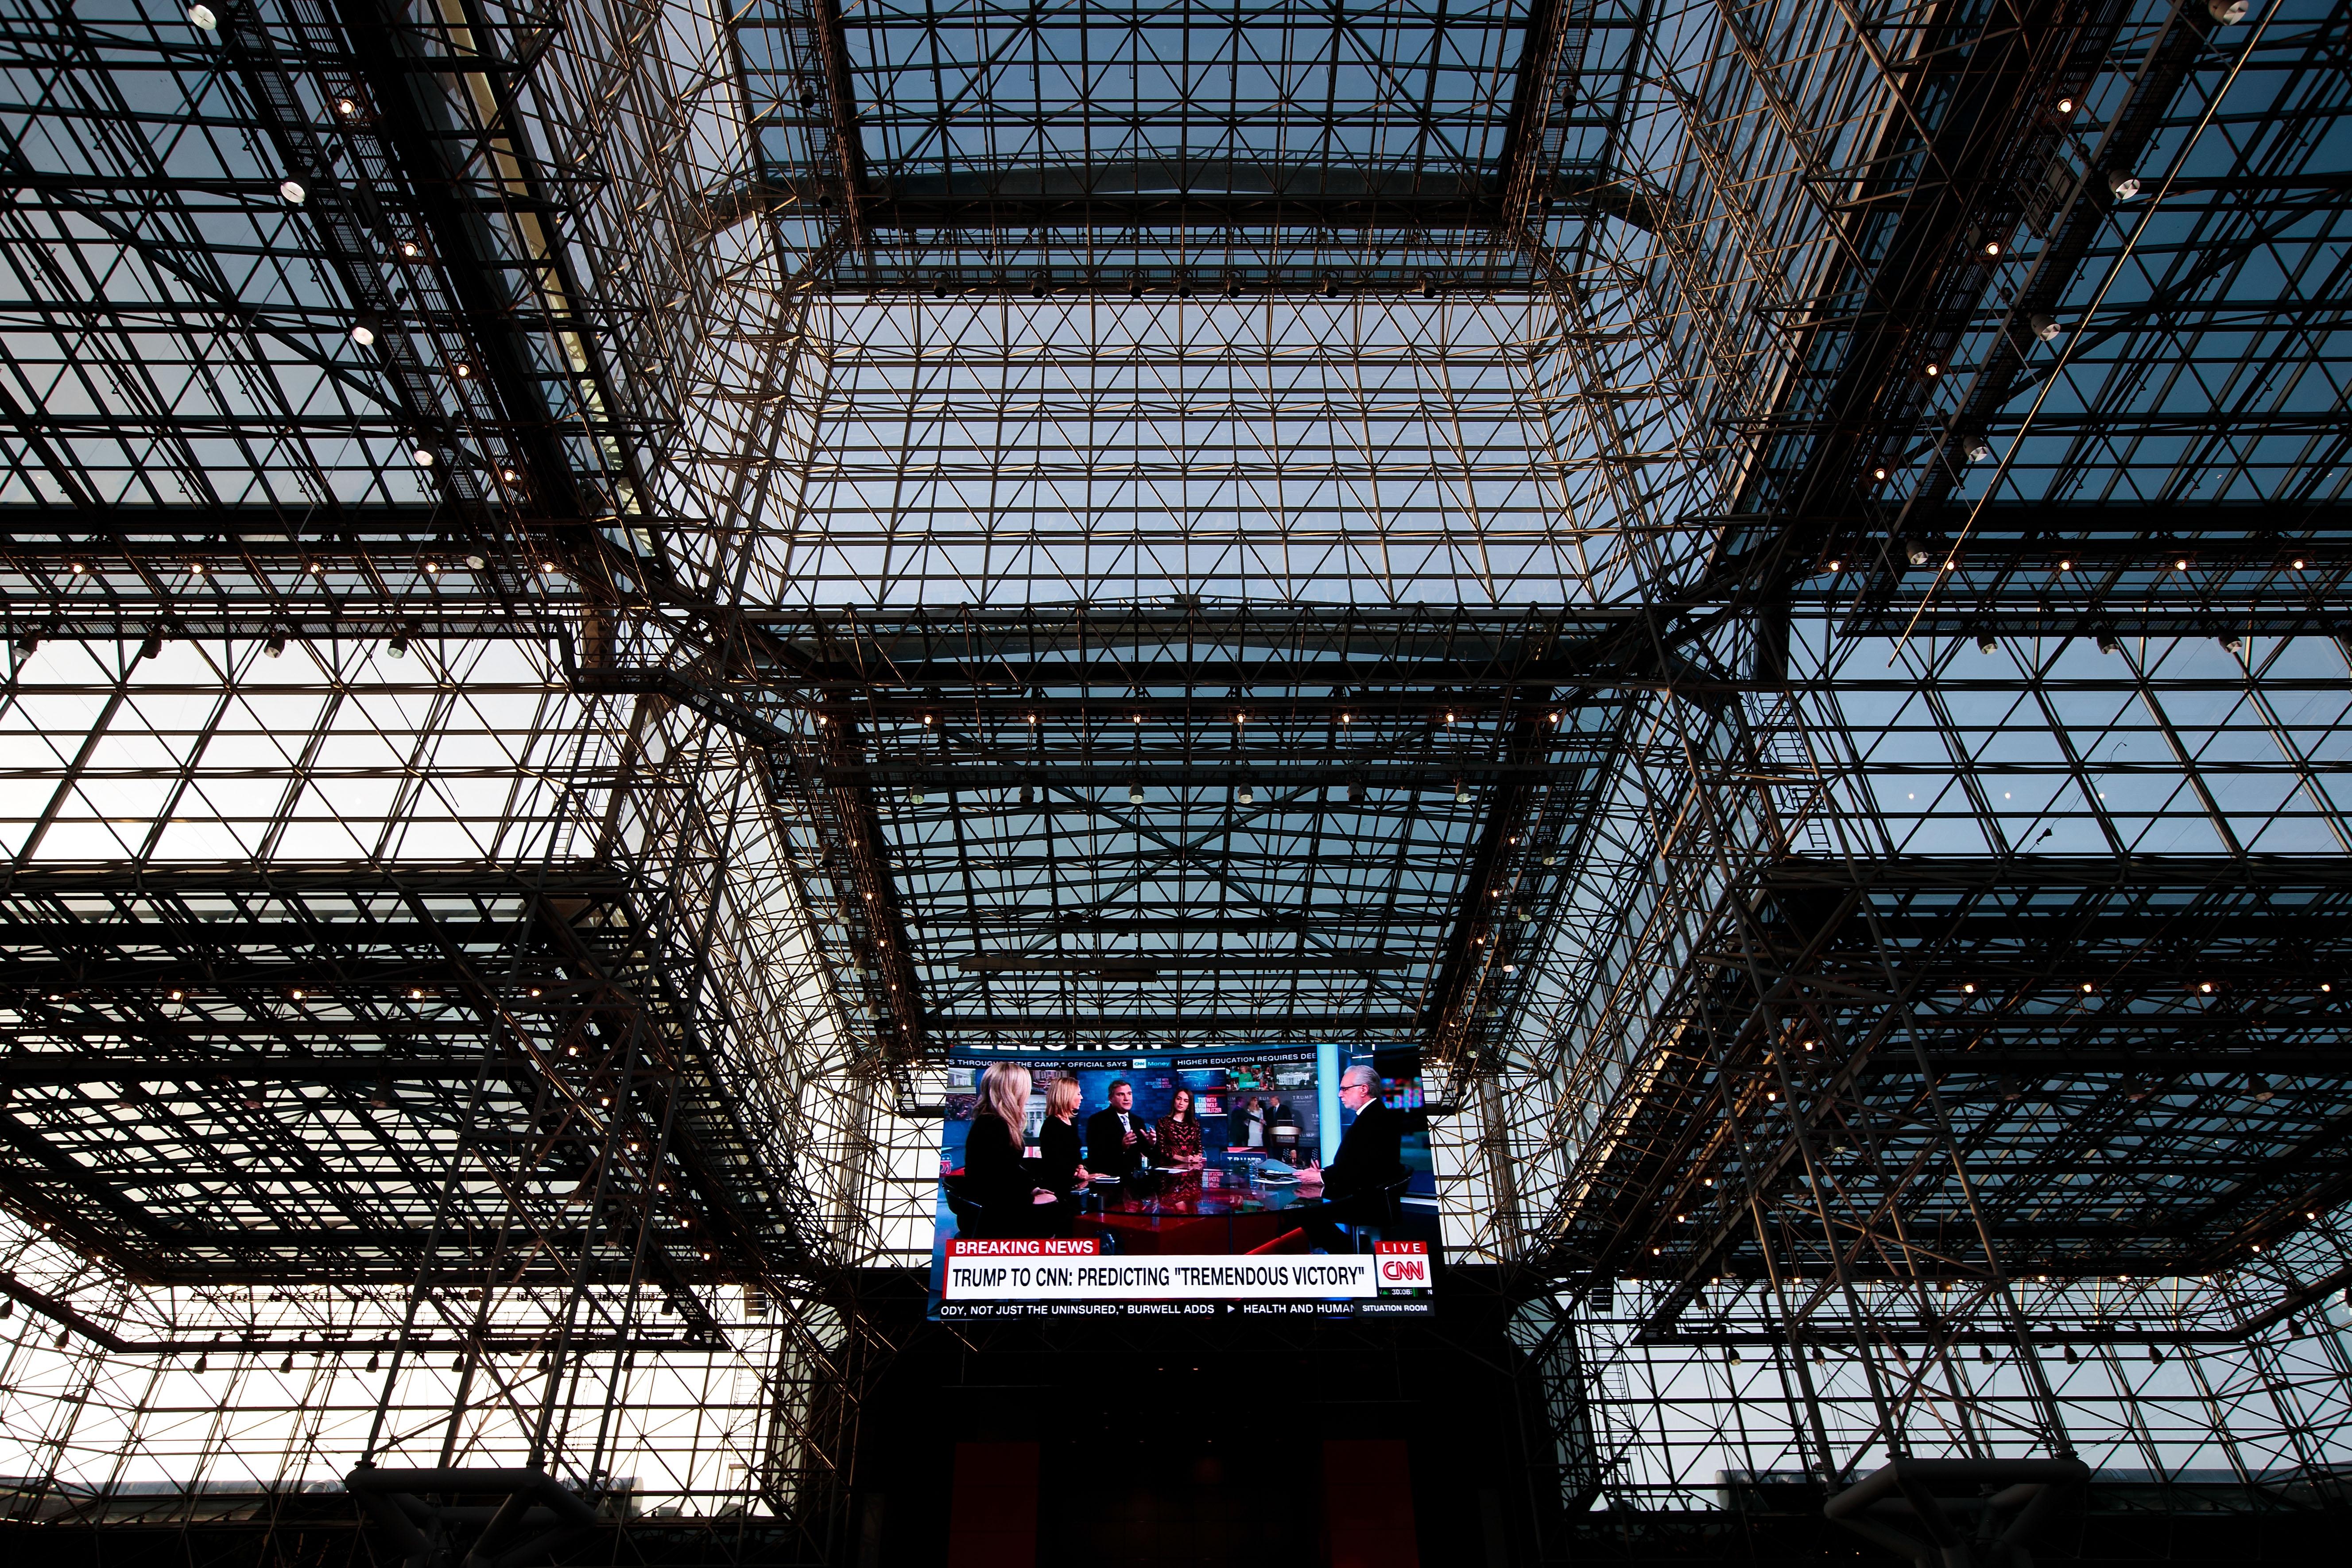 """مركز """"جاكوب كي جافيتس للمؤتمرات"""" من الداخل، حيث ستمكث فيه هيلاري كلينتون لمراقبة سير لانتخابات الرئاسية"""